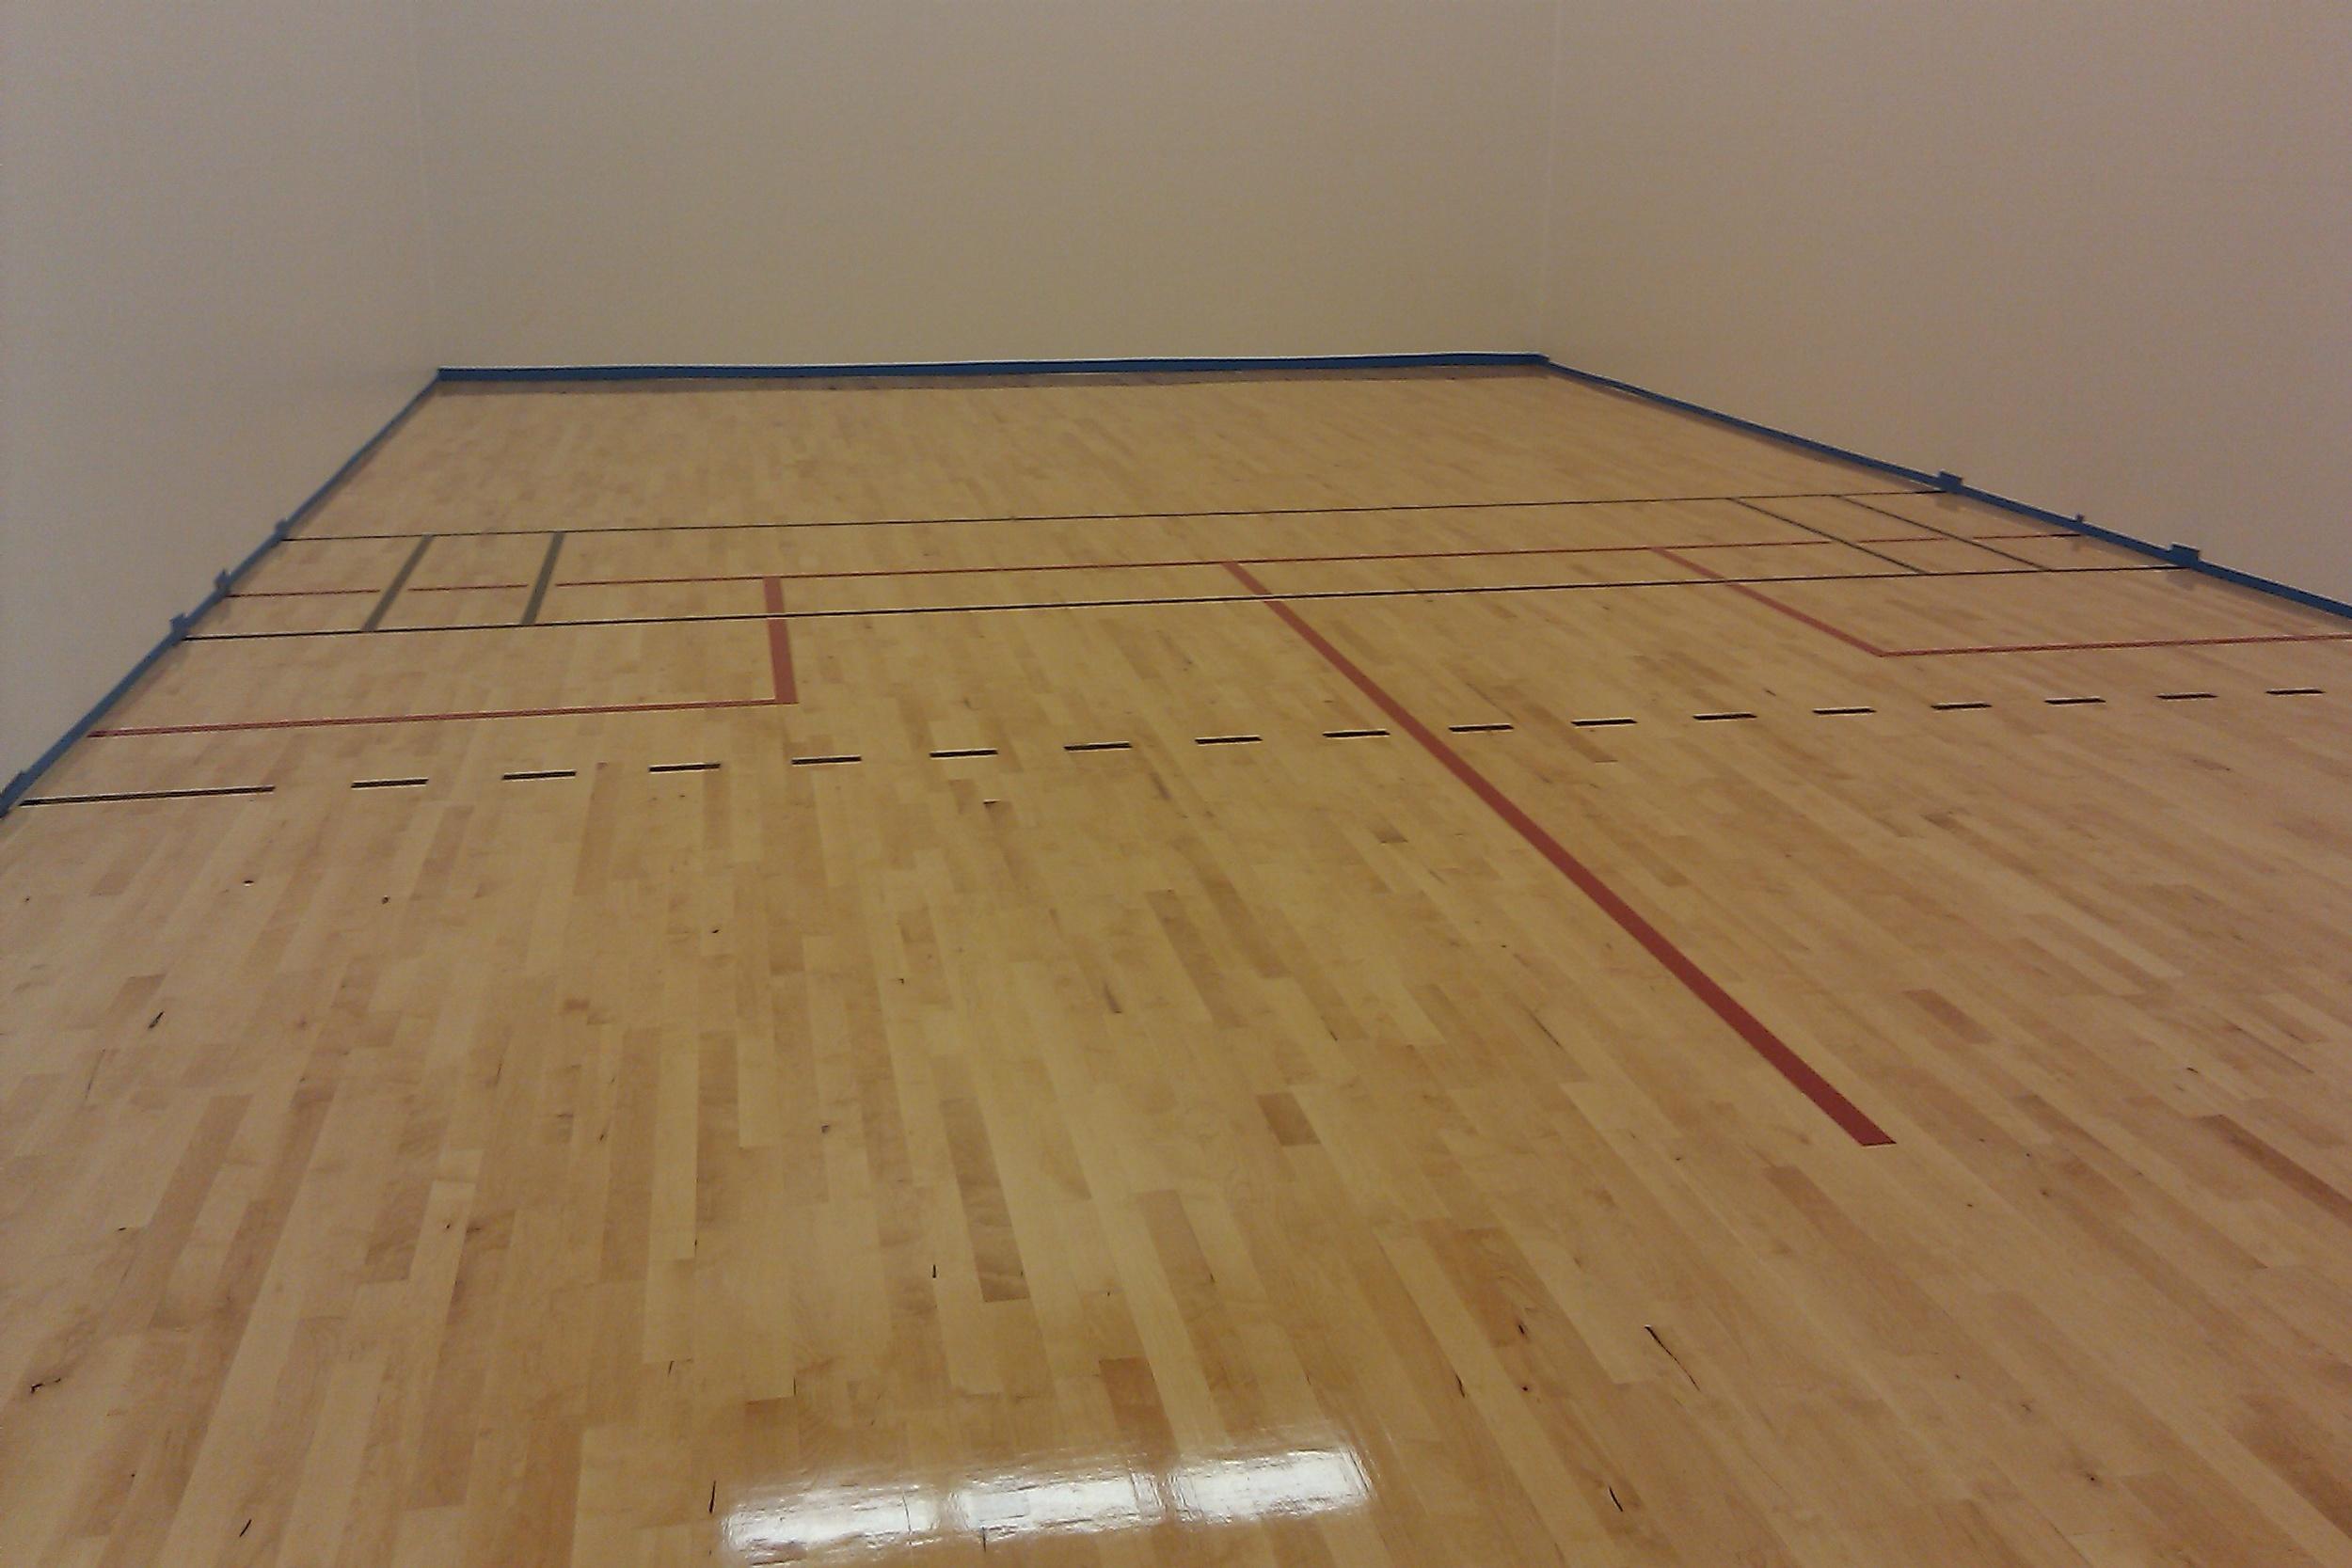 Silverdale YMCA -